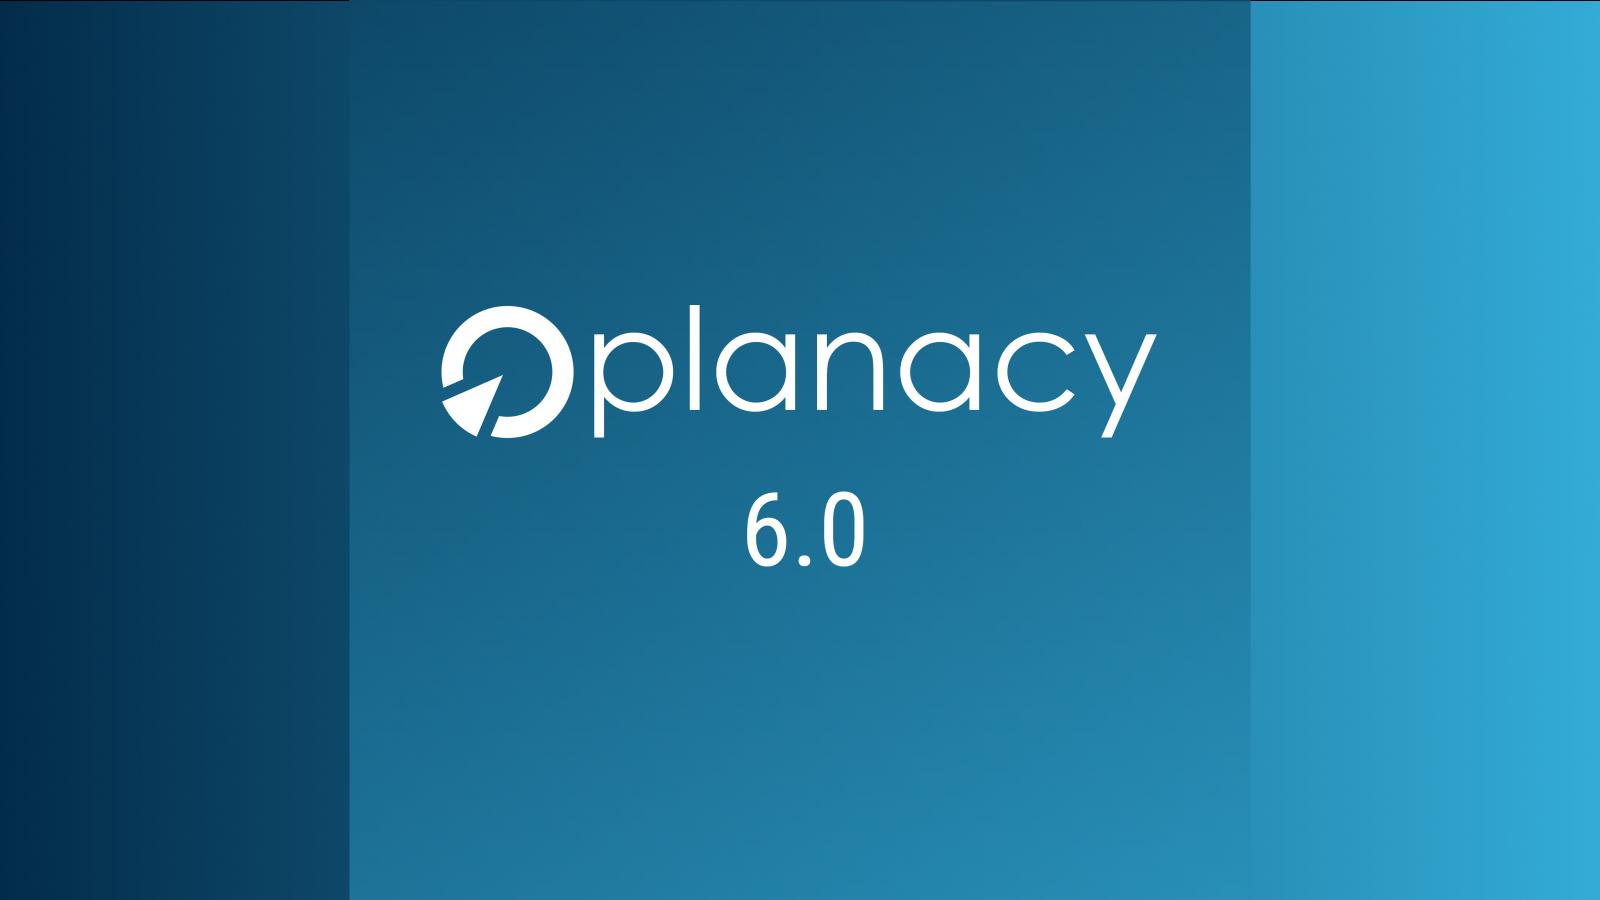 planacy 6.0